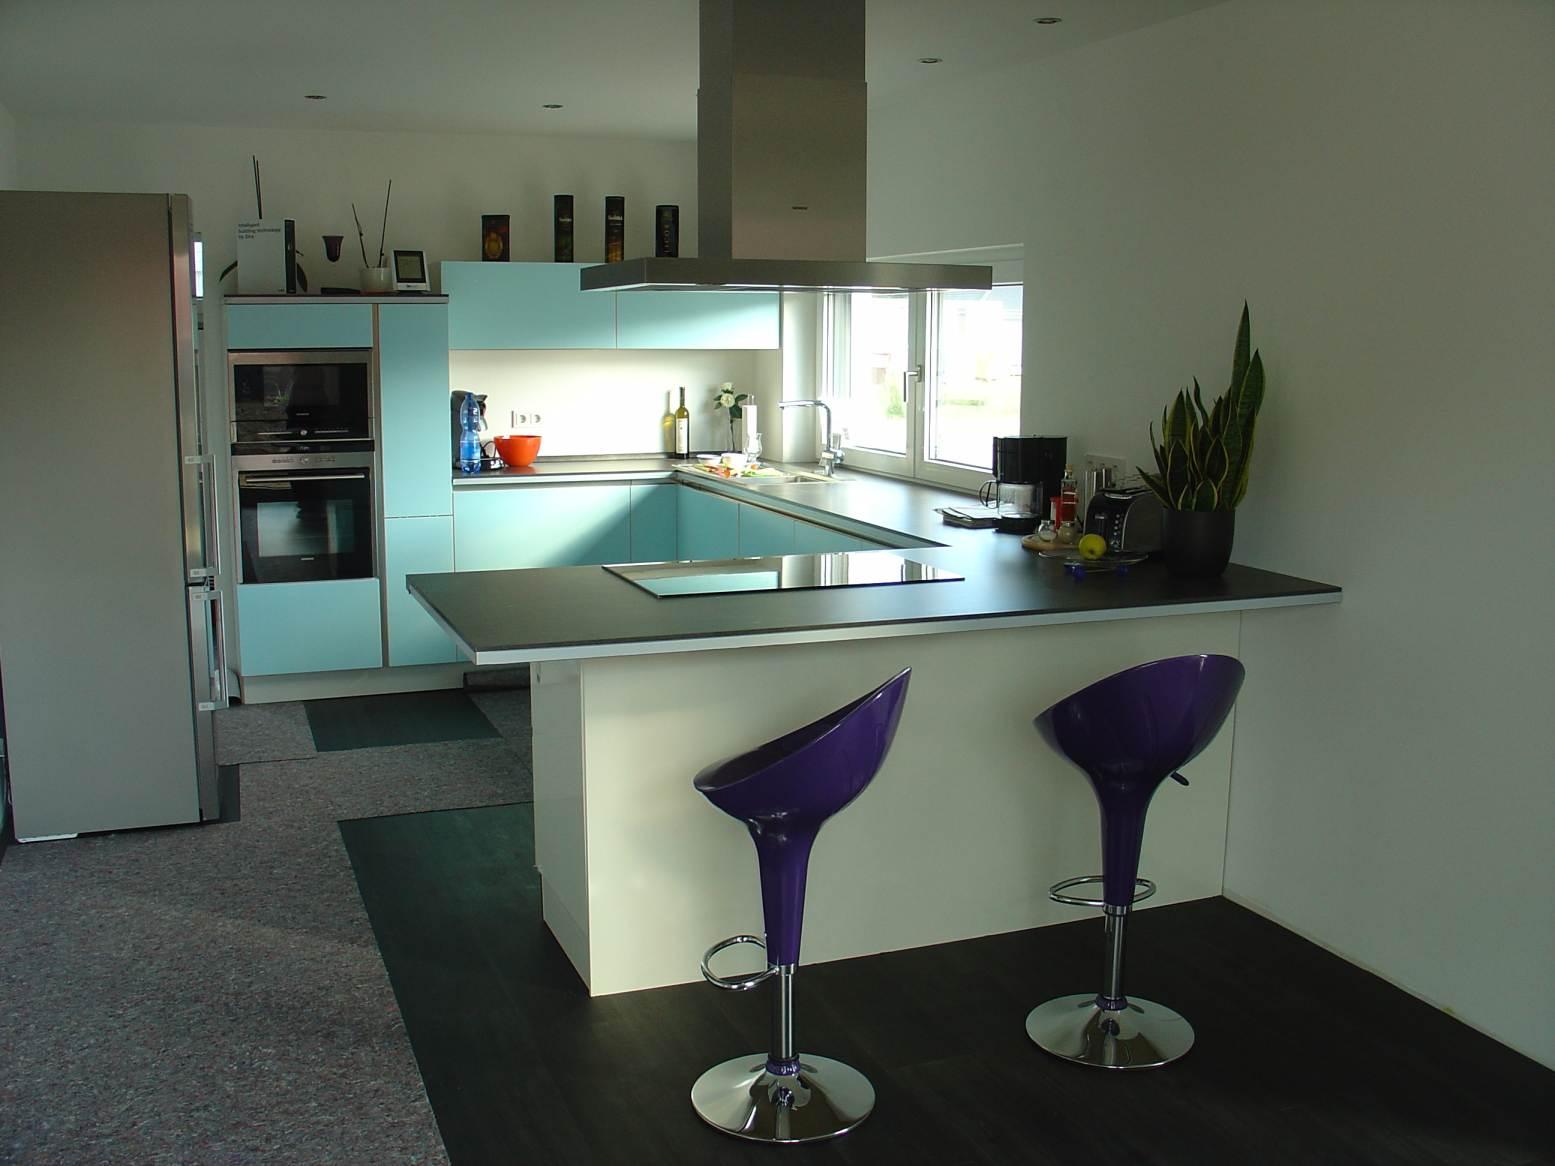 ich baue ein haus bautagebuch farbwechsel an der k chenfront. Black Bedroom Furniture Sets. Home Design Ideas